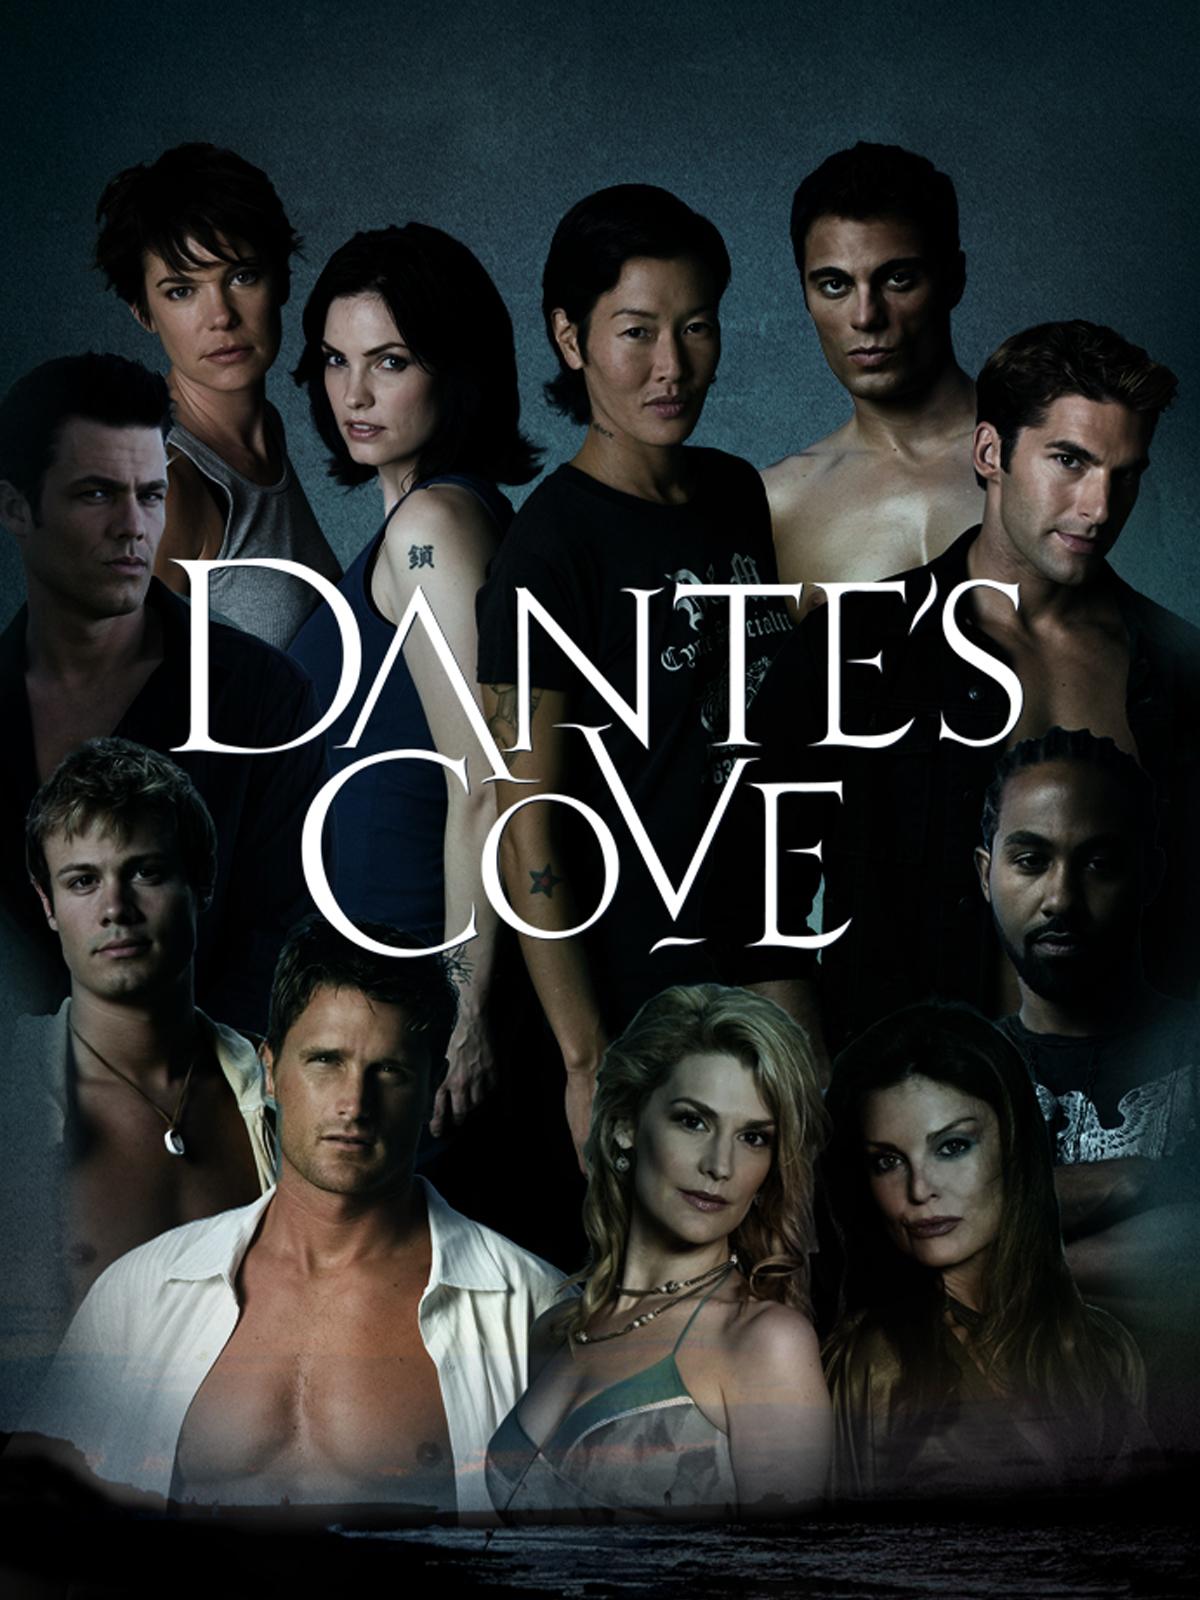 Here-DantesCove101-Full-Image-en-US.jpg